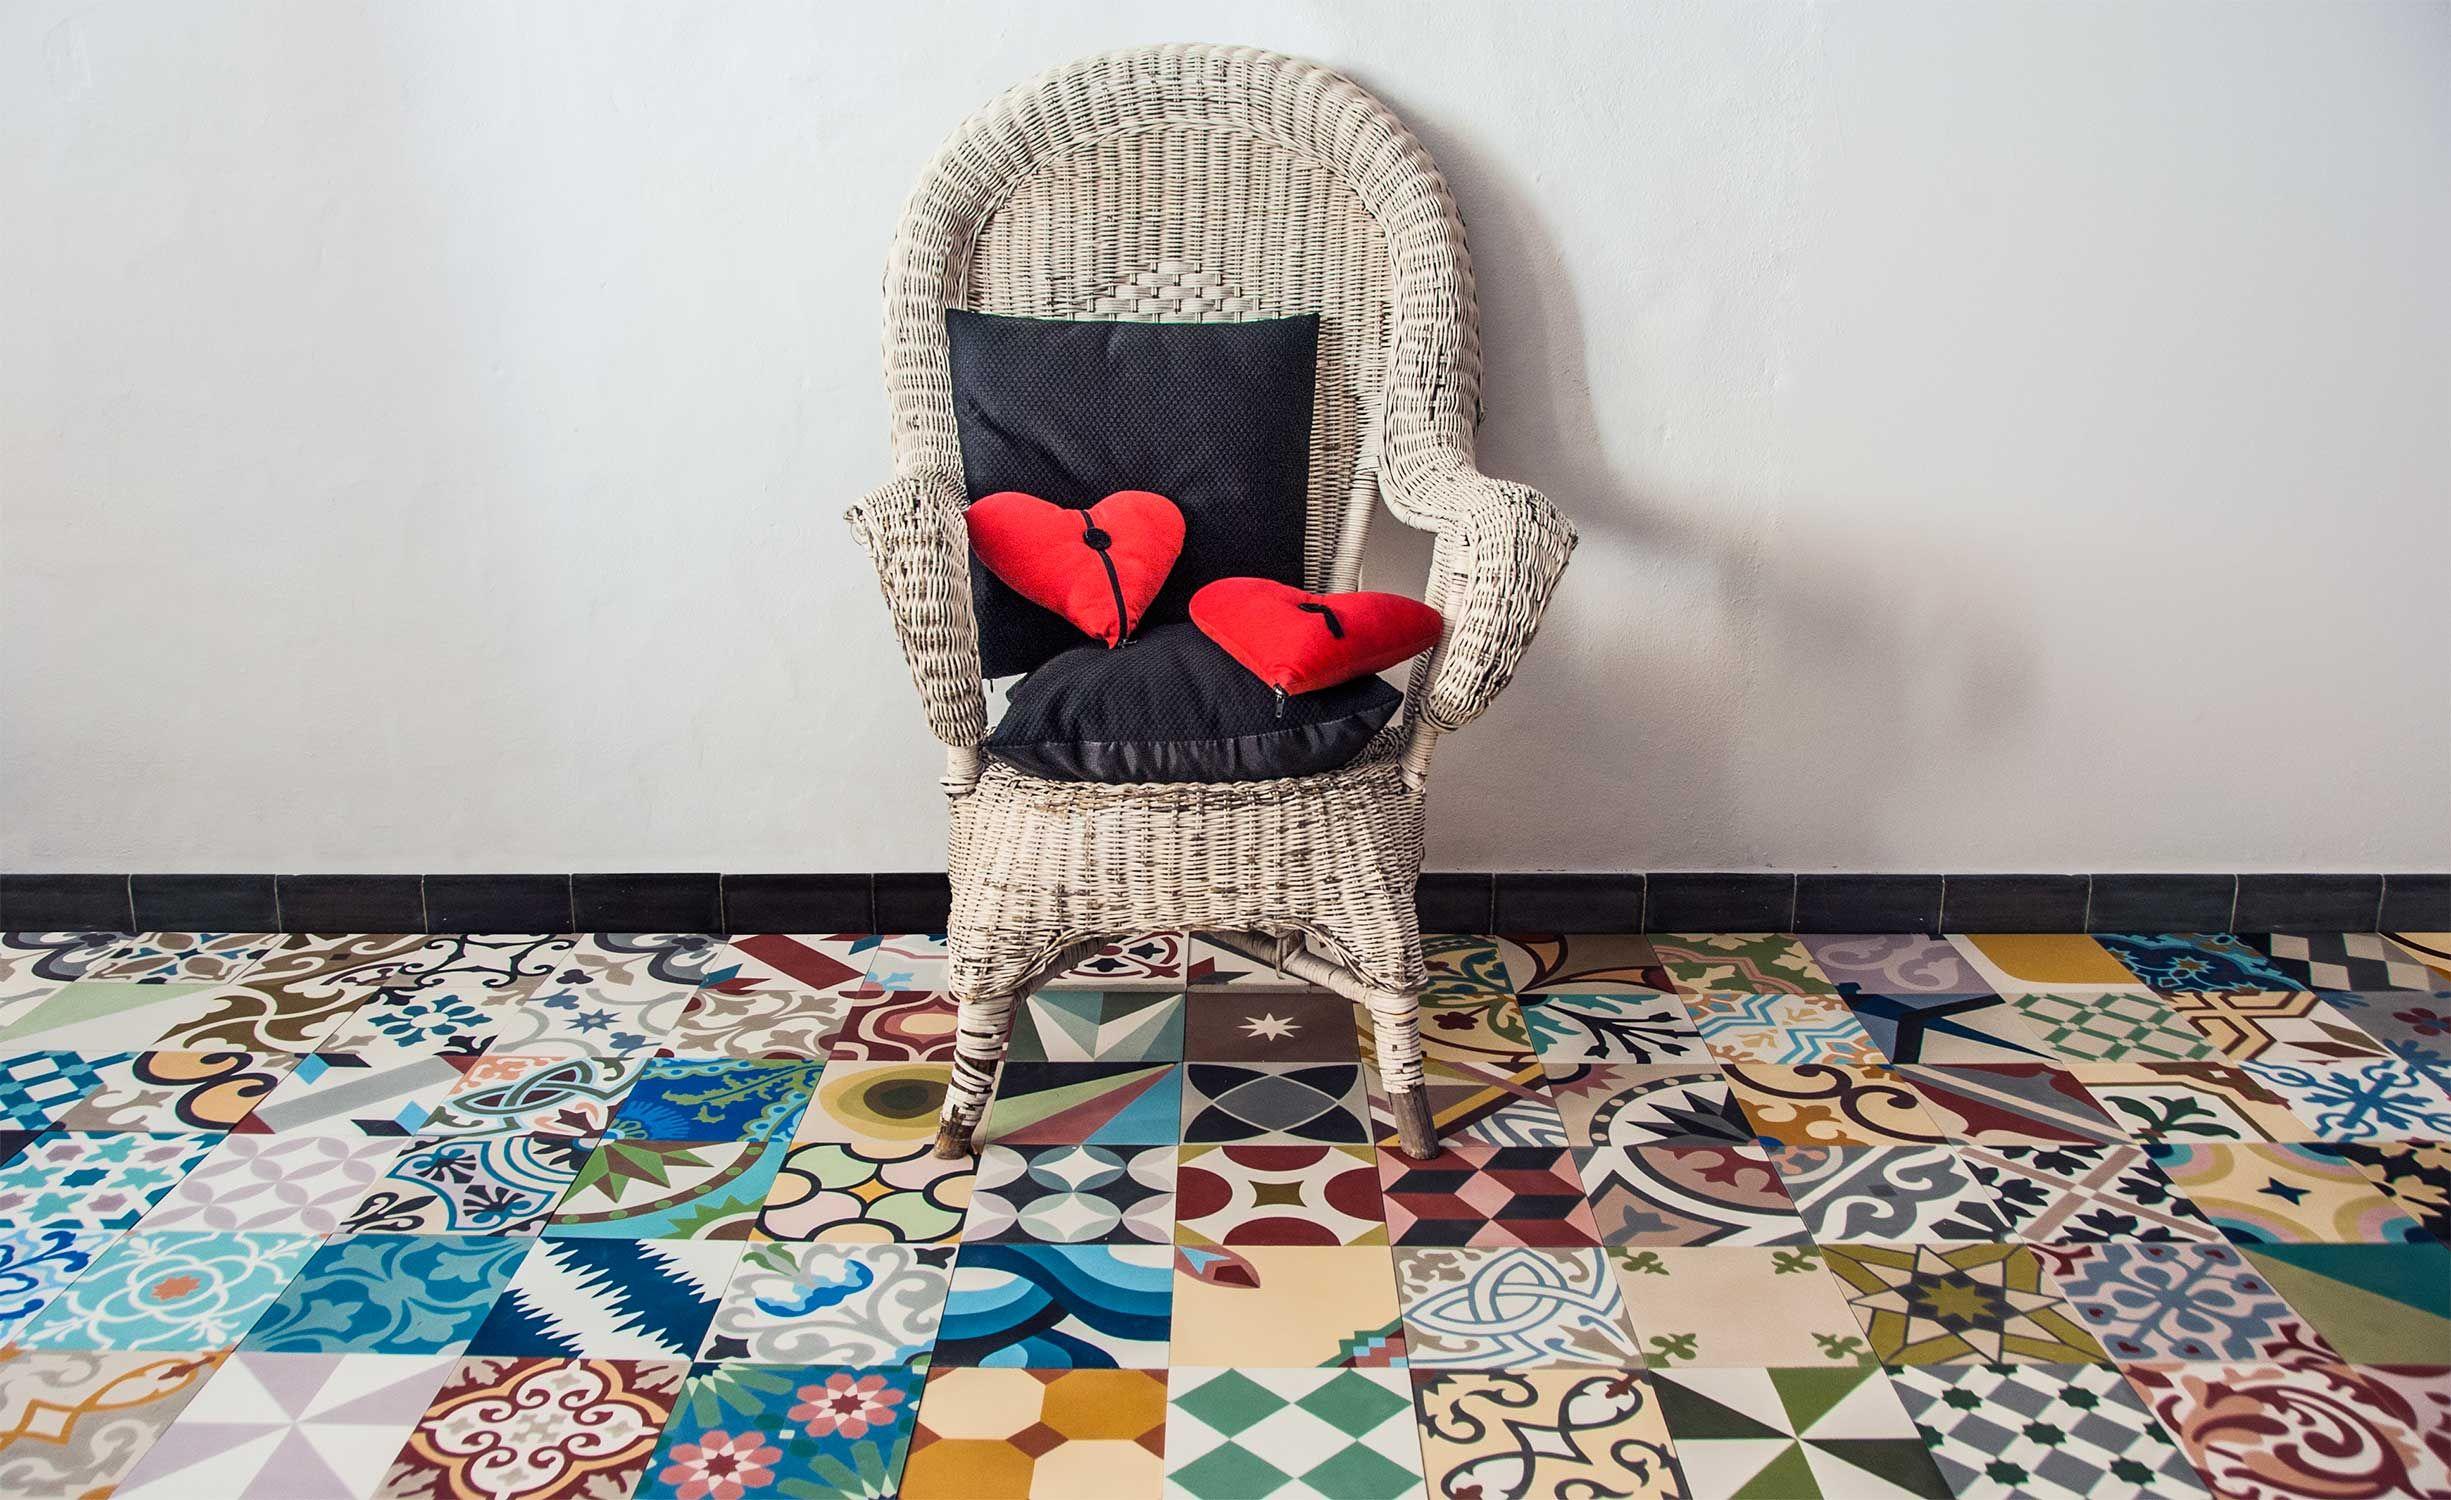 carreaux de ciment mosaic del sur carrelage pinterest carreau carrelage et ciment. Black Bedroom Furniture Sets. Home Design Ideas